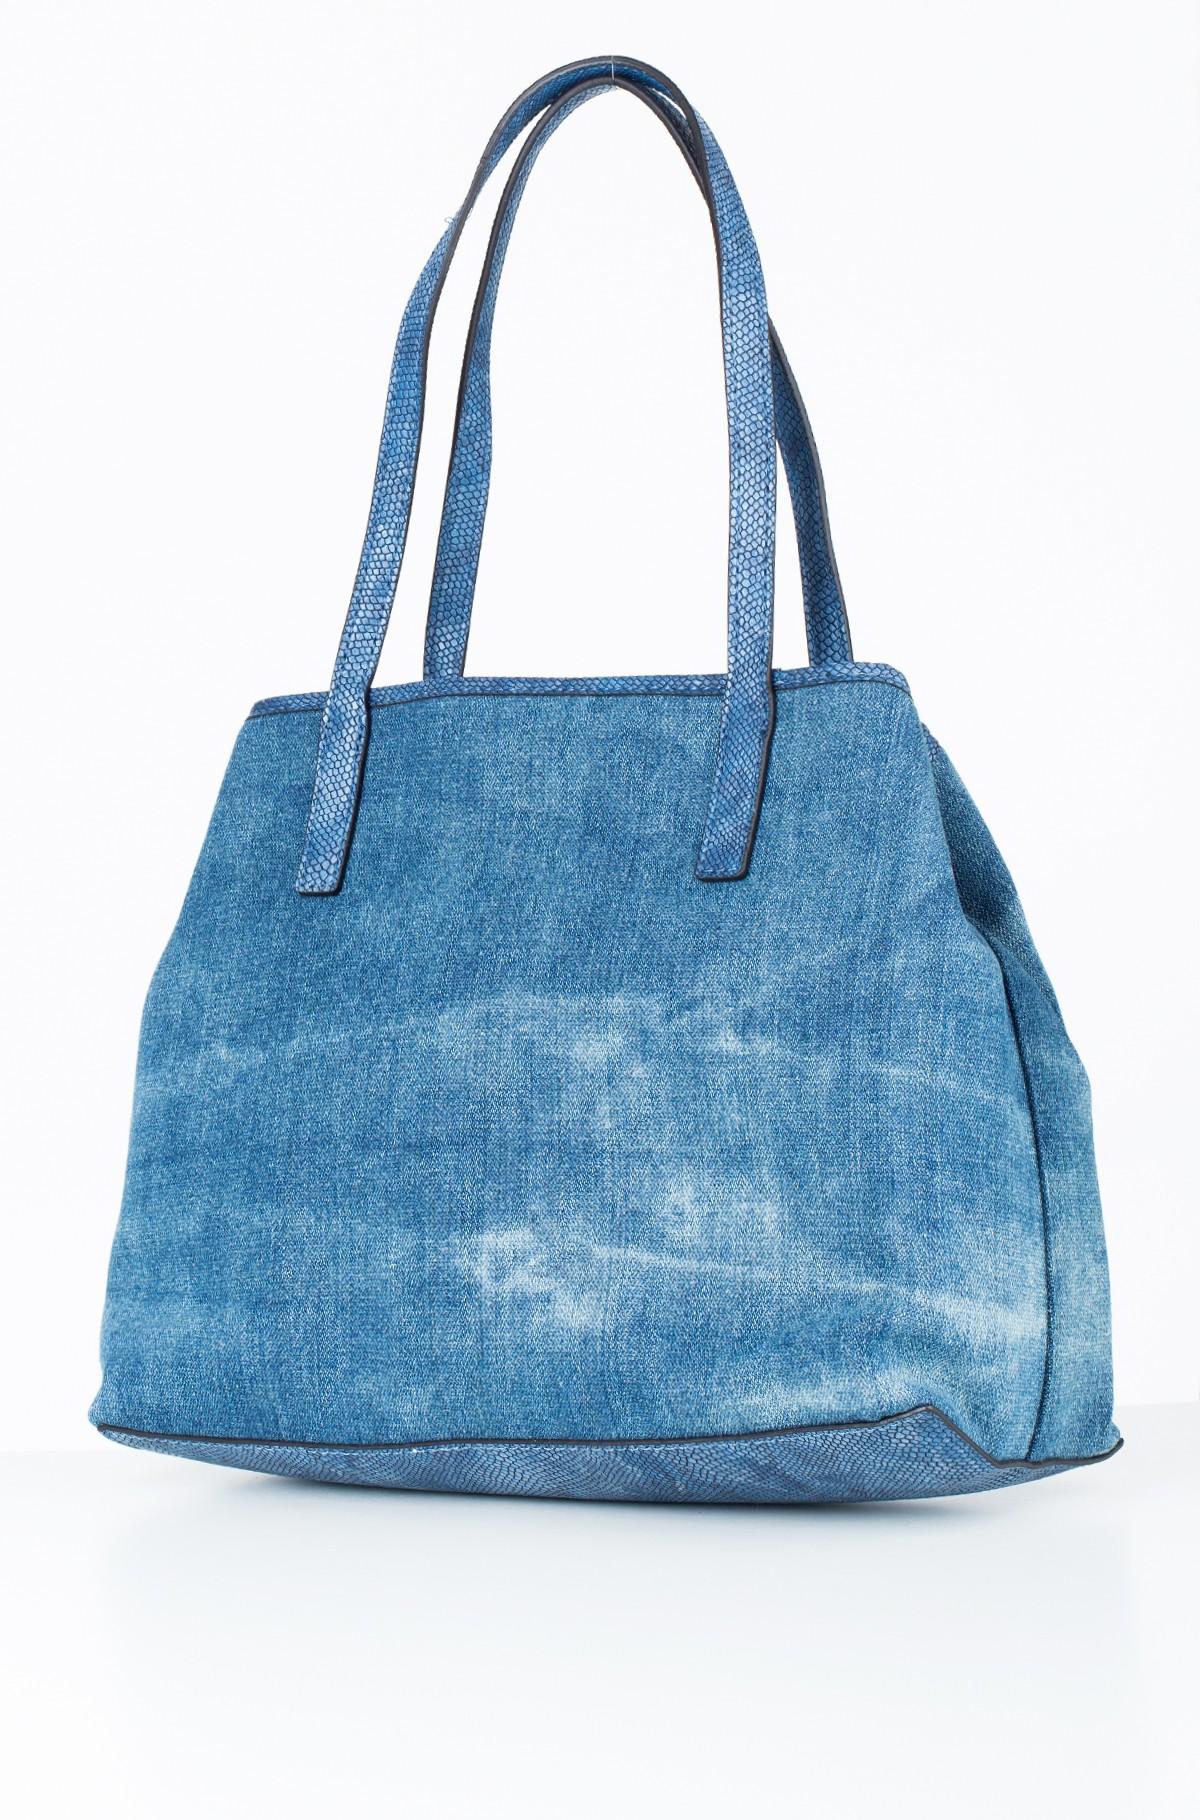 Handbag HWED69 95230-full-2